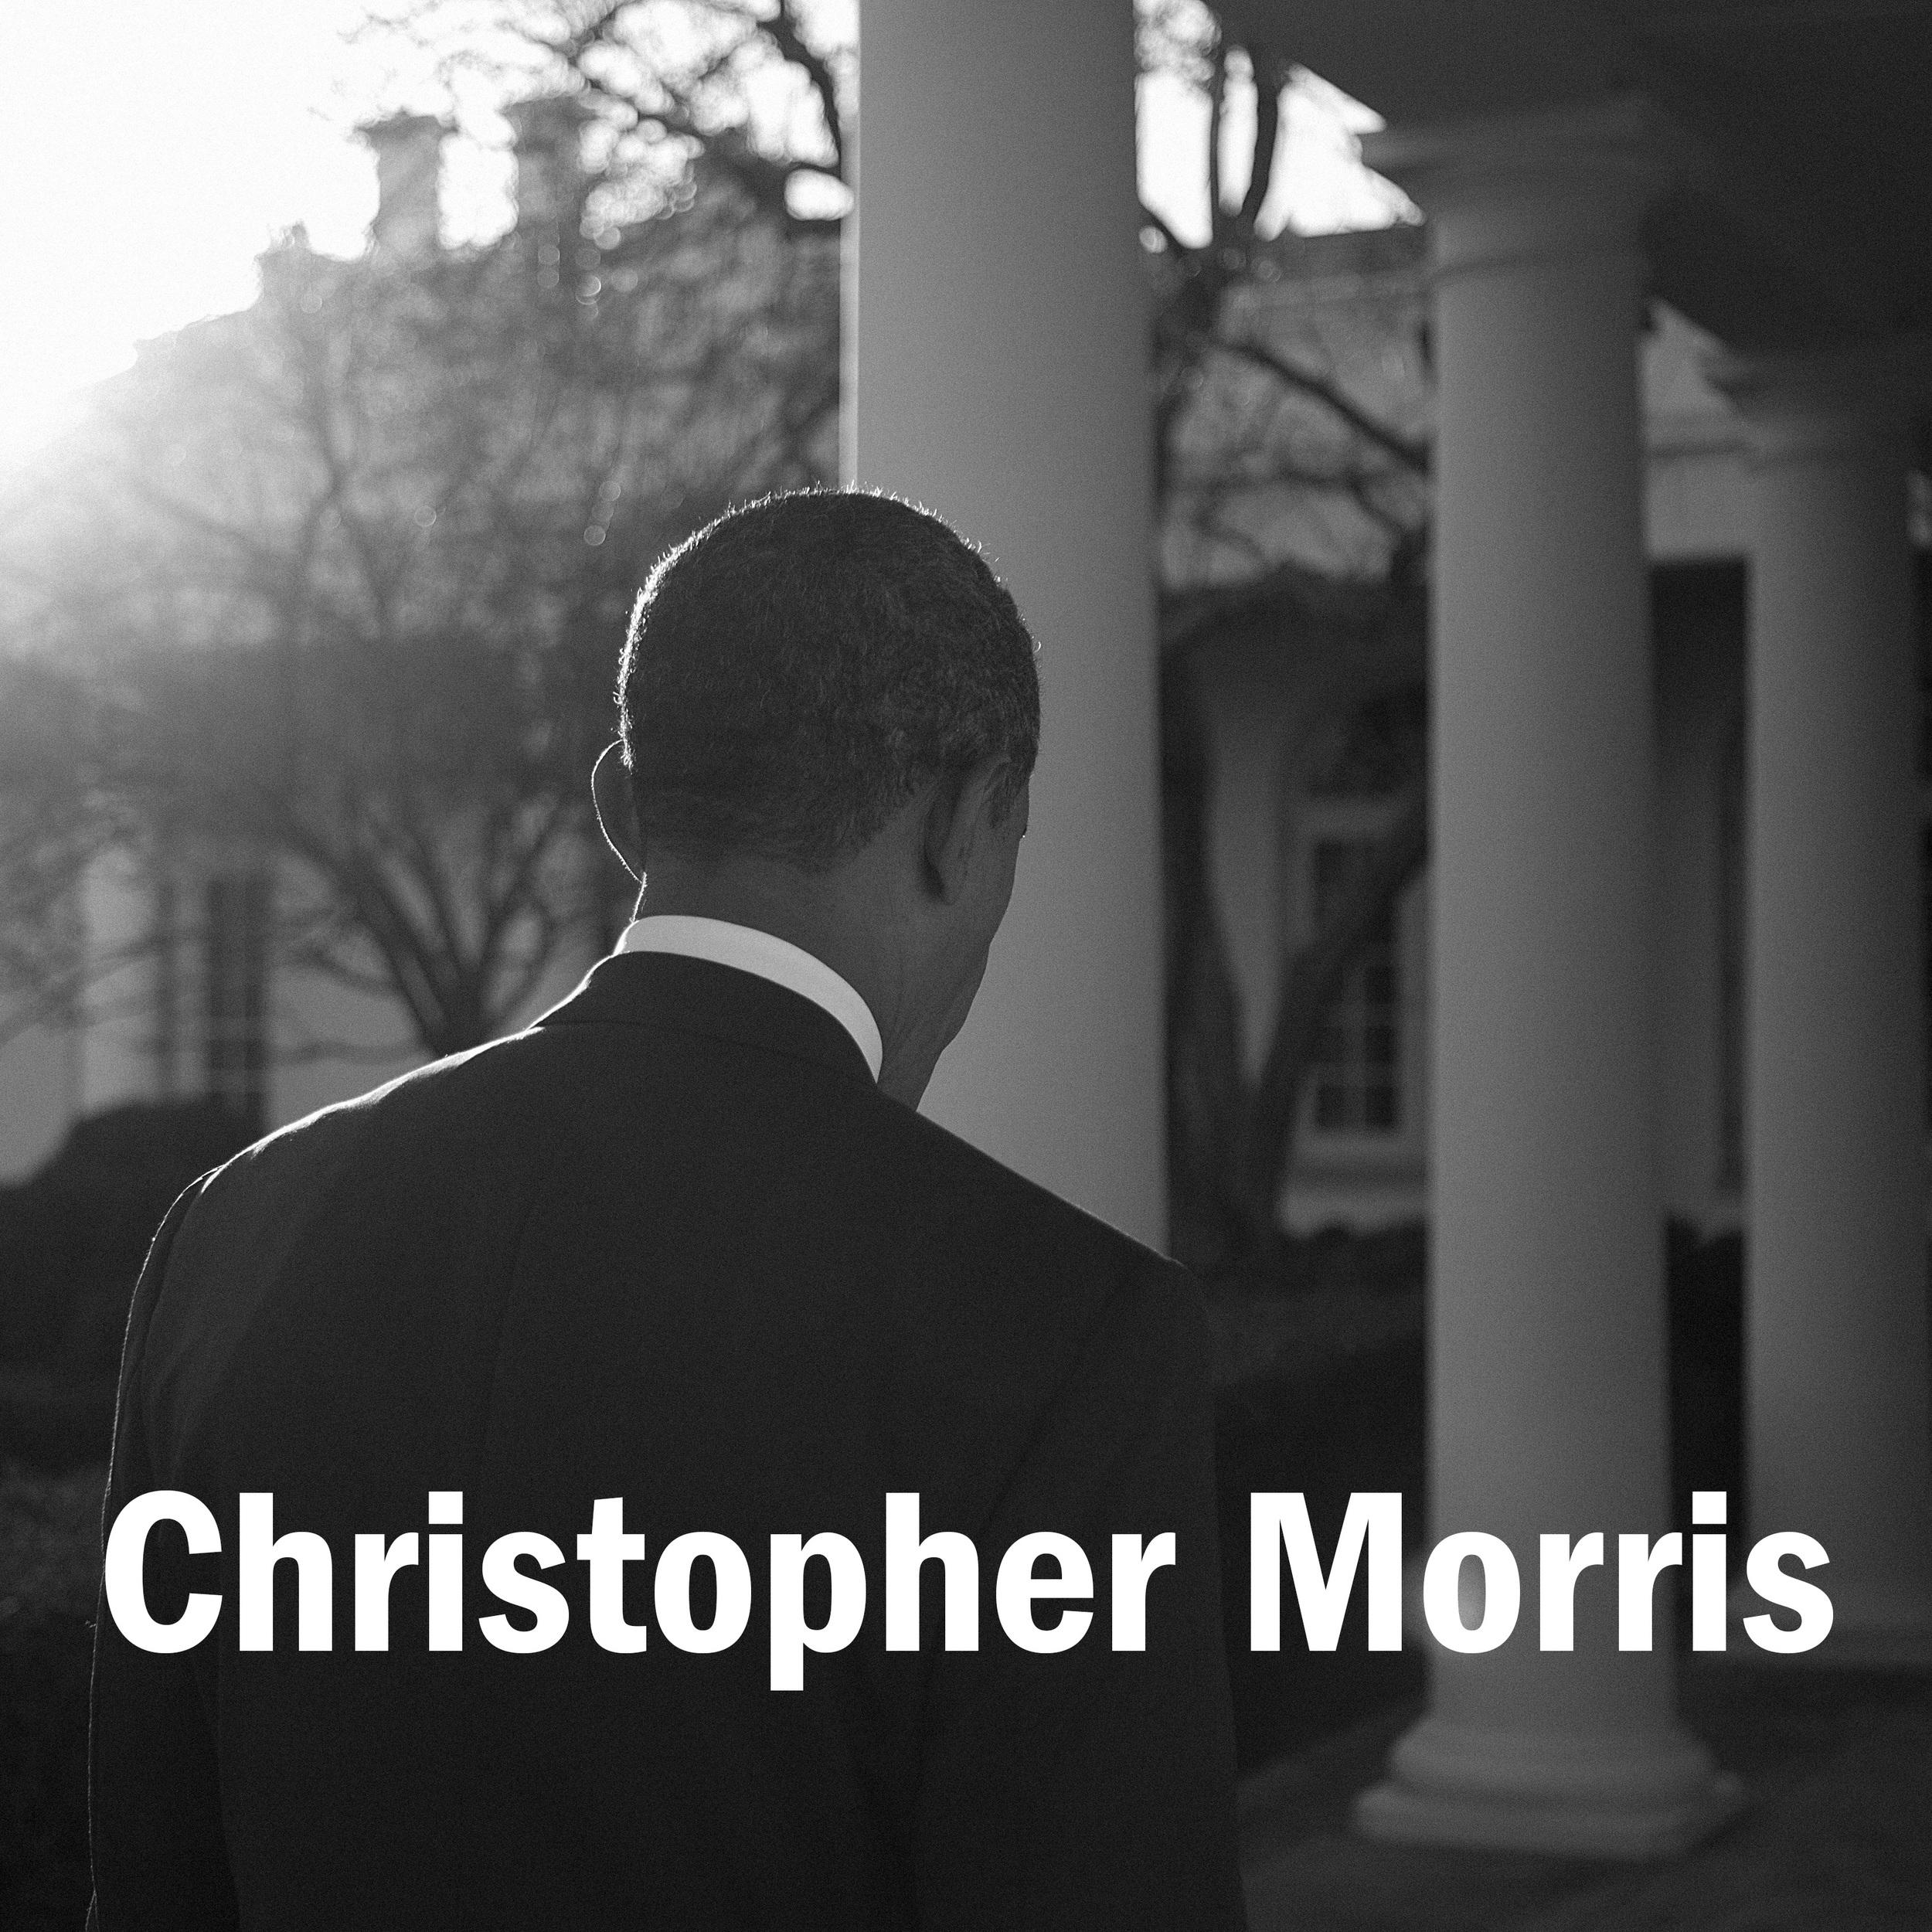 ChrisMorris.jpg